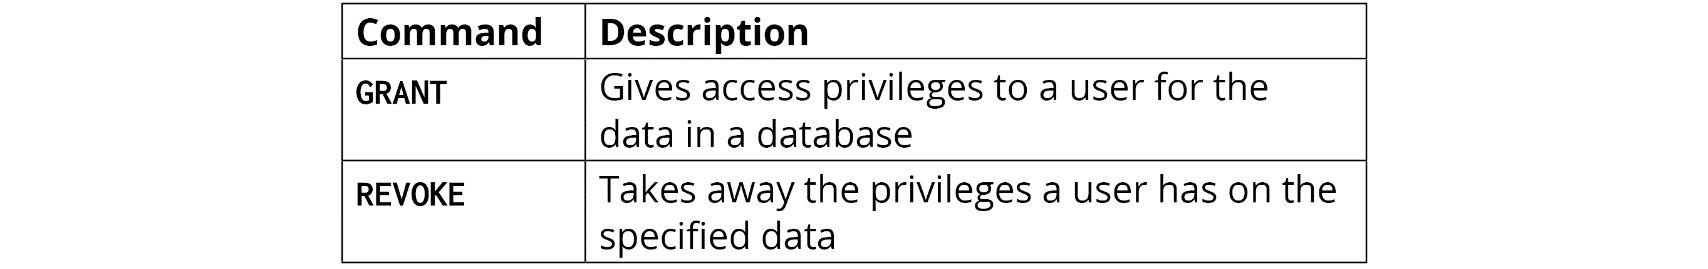 Figure 1.4: DCL commands